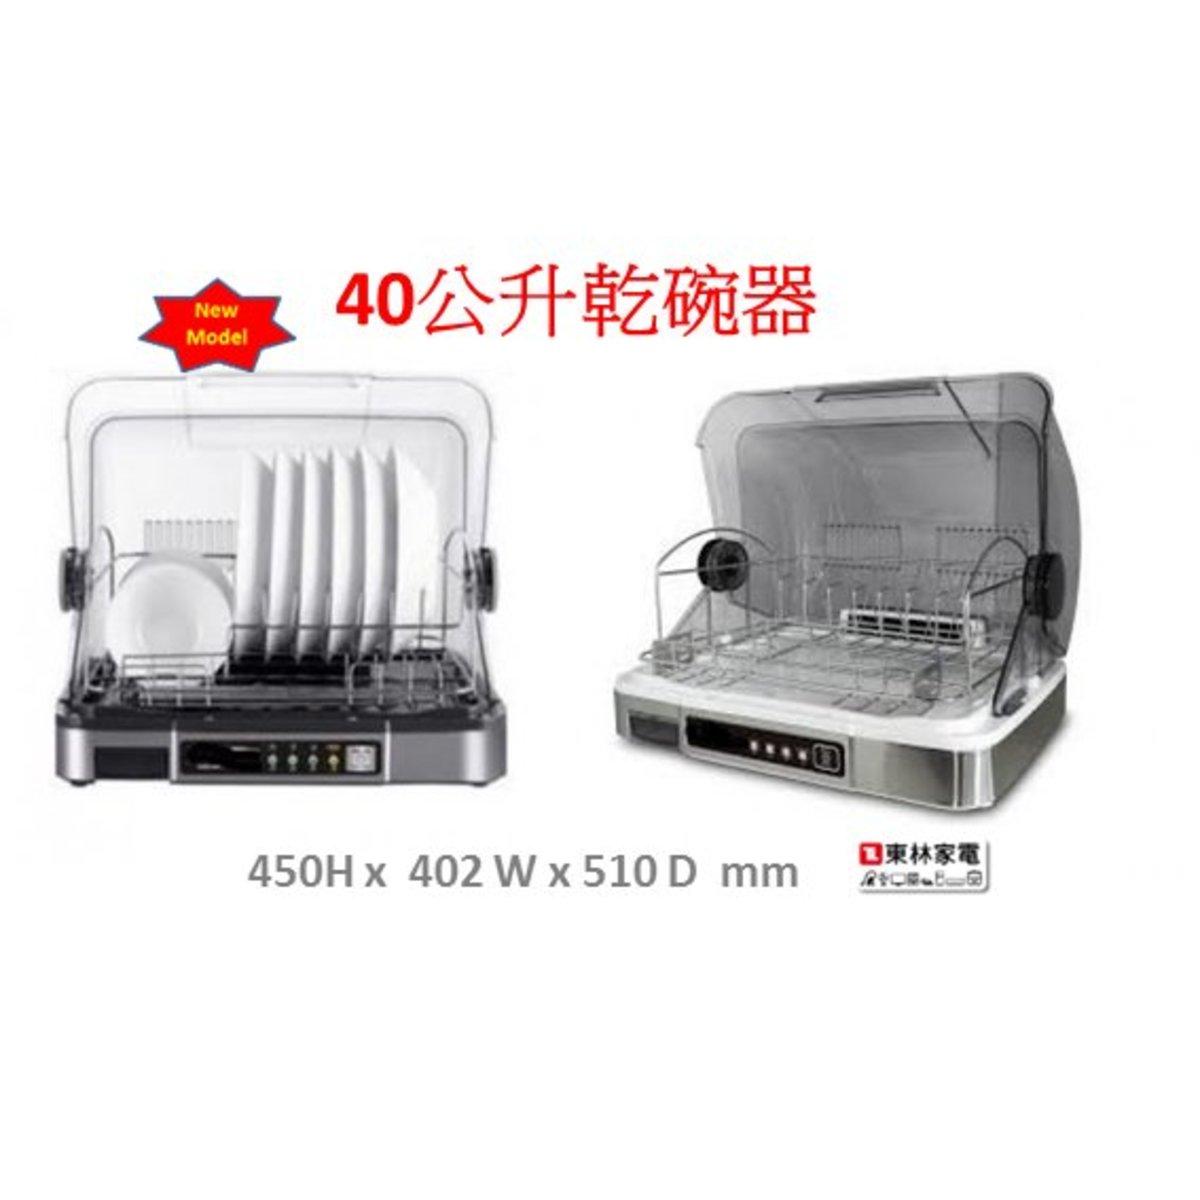 40公升乾碗器SK-DS8